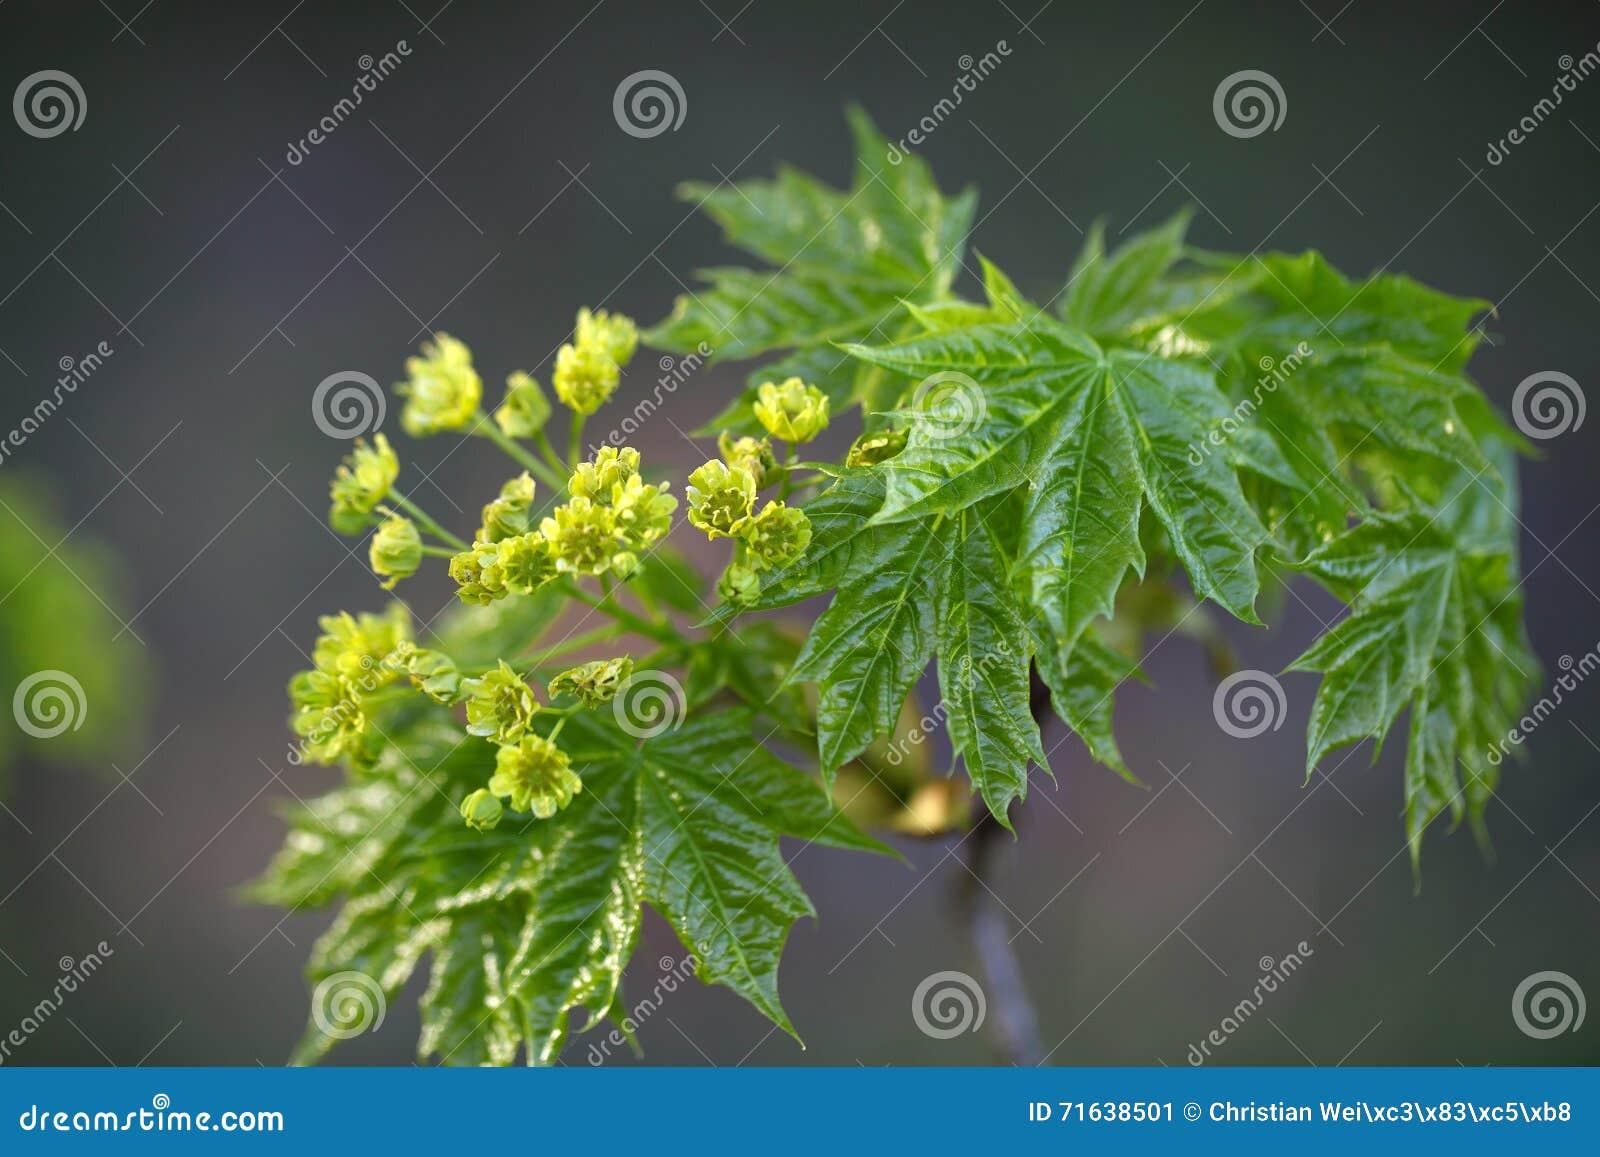 Fiori di un albero di acero riccio immagine stock for Acero riccio